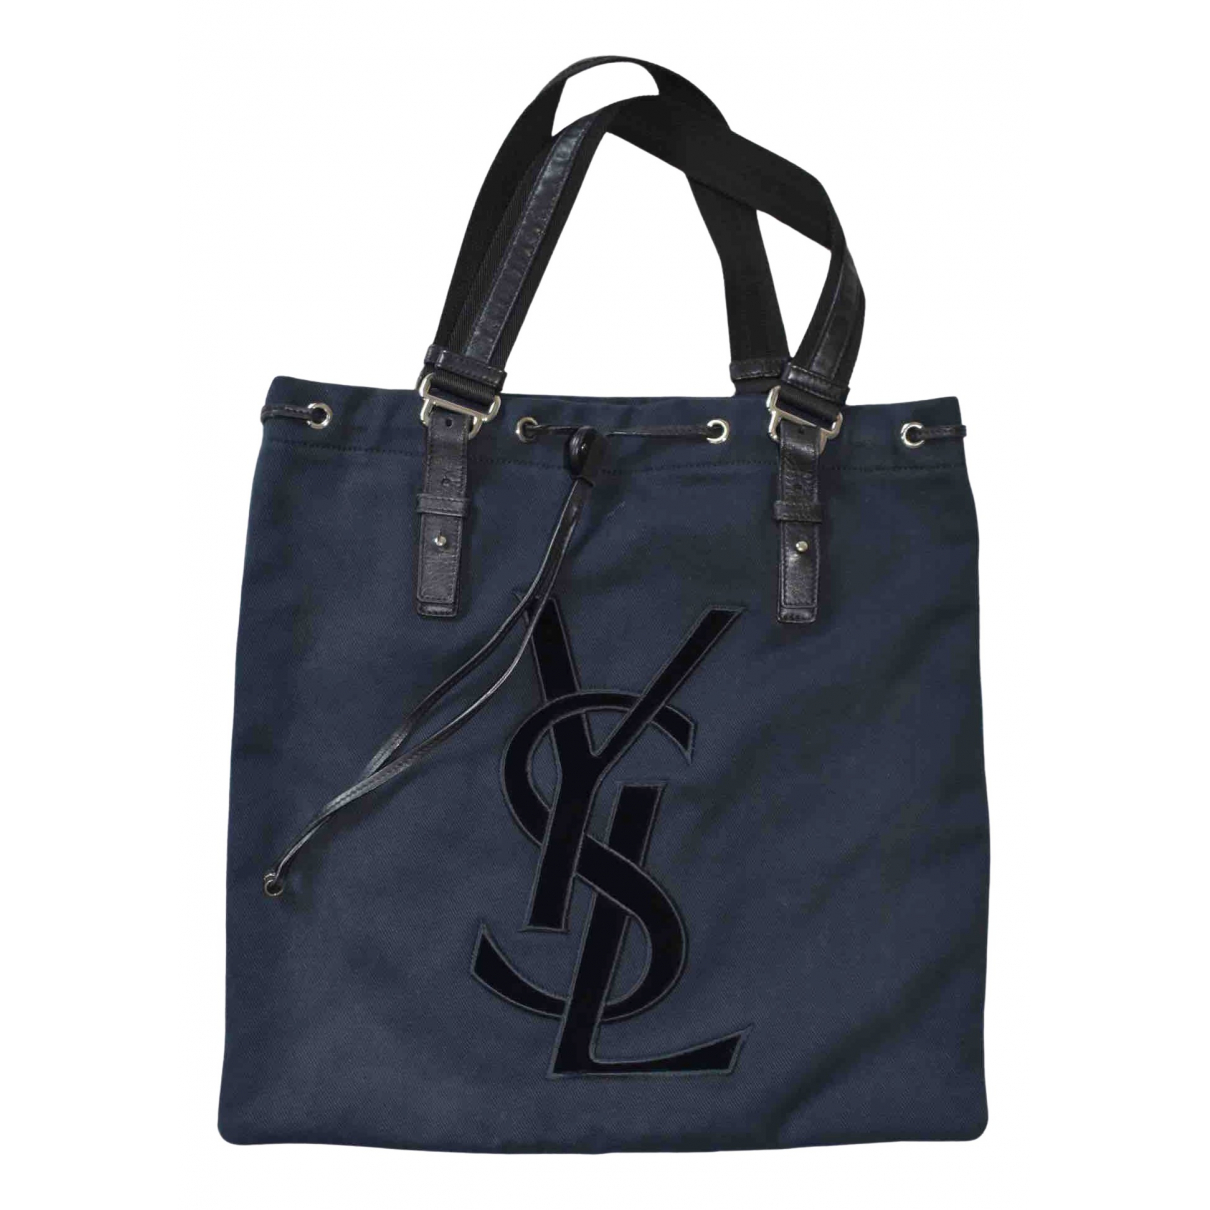 Yves Saint Laurent \N Handtasche in  Marine Baumwolle